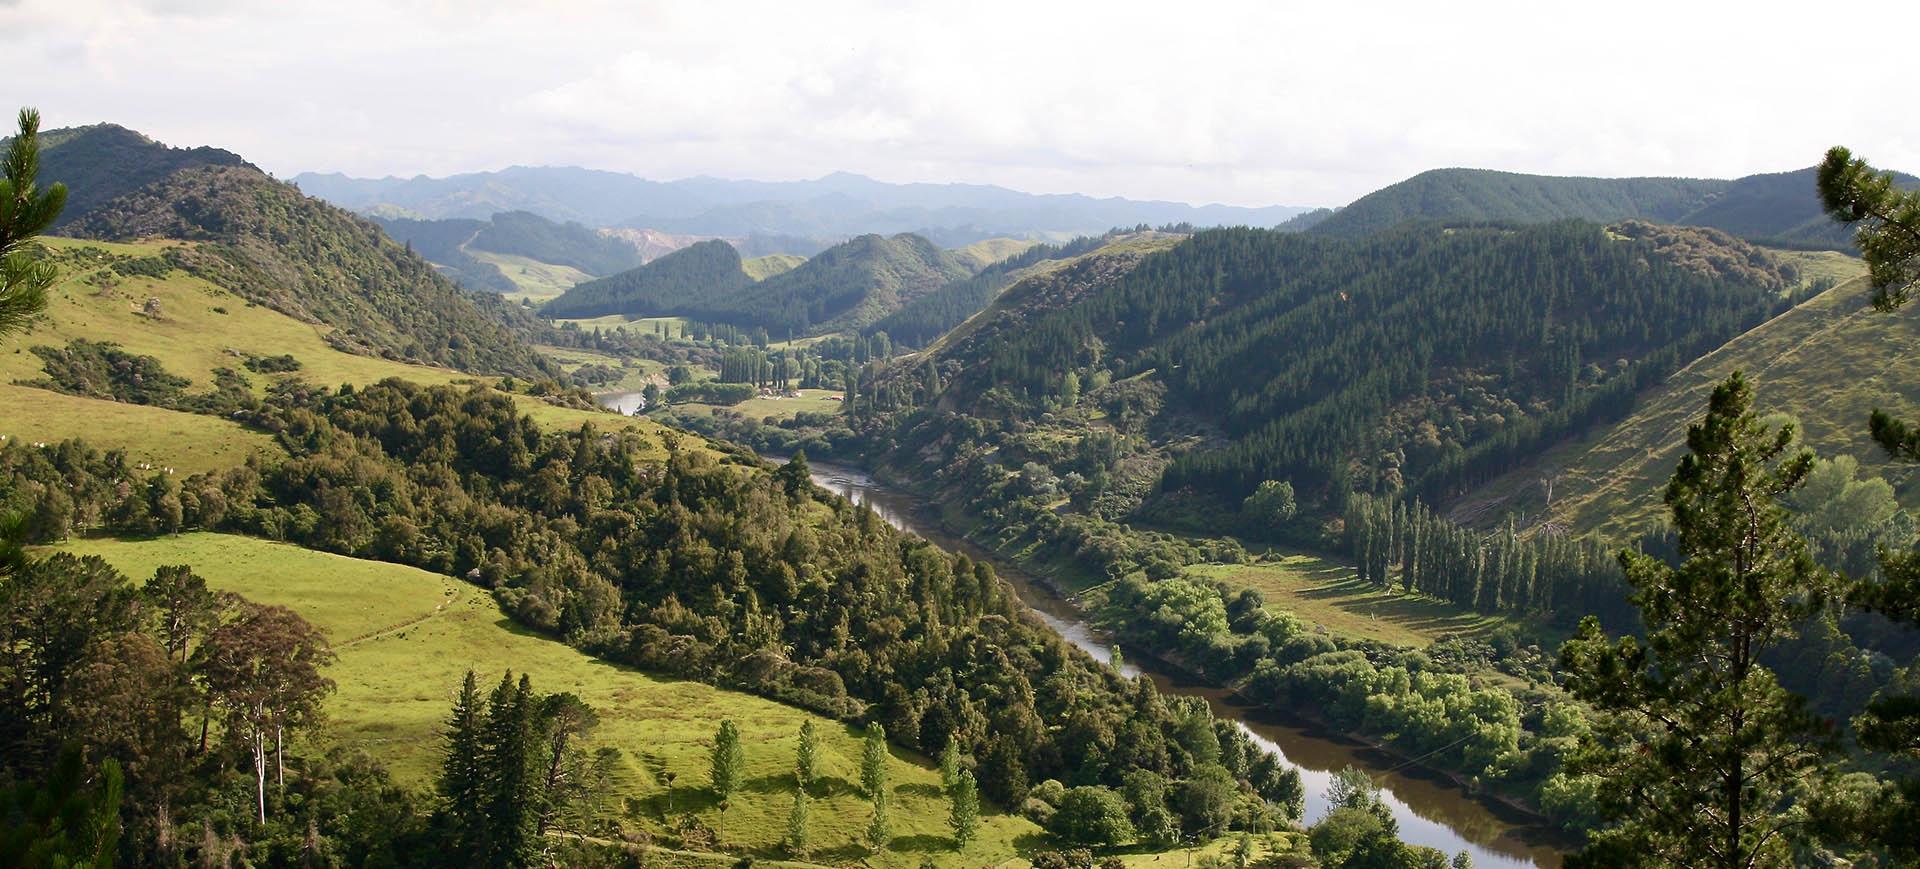 NZ Whangaui